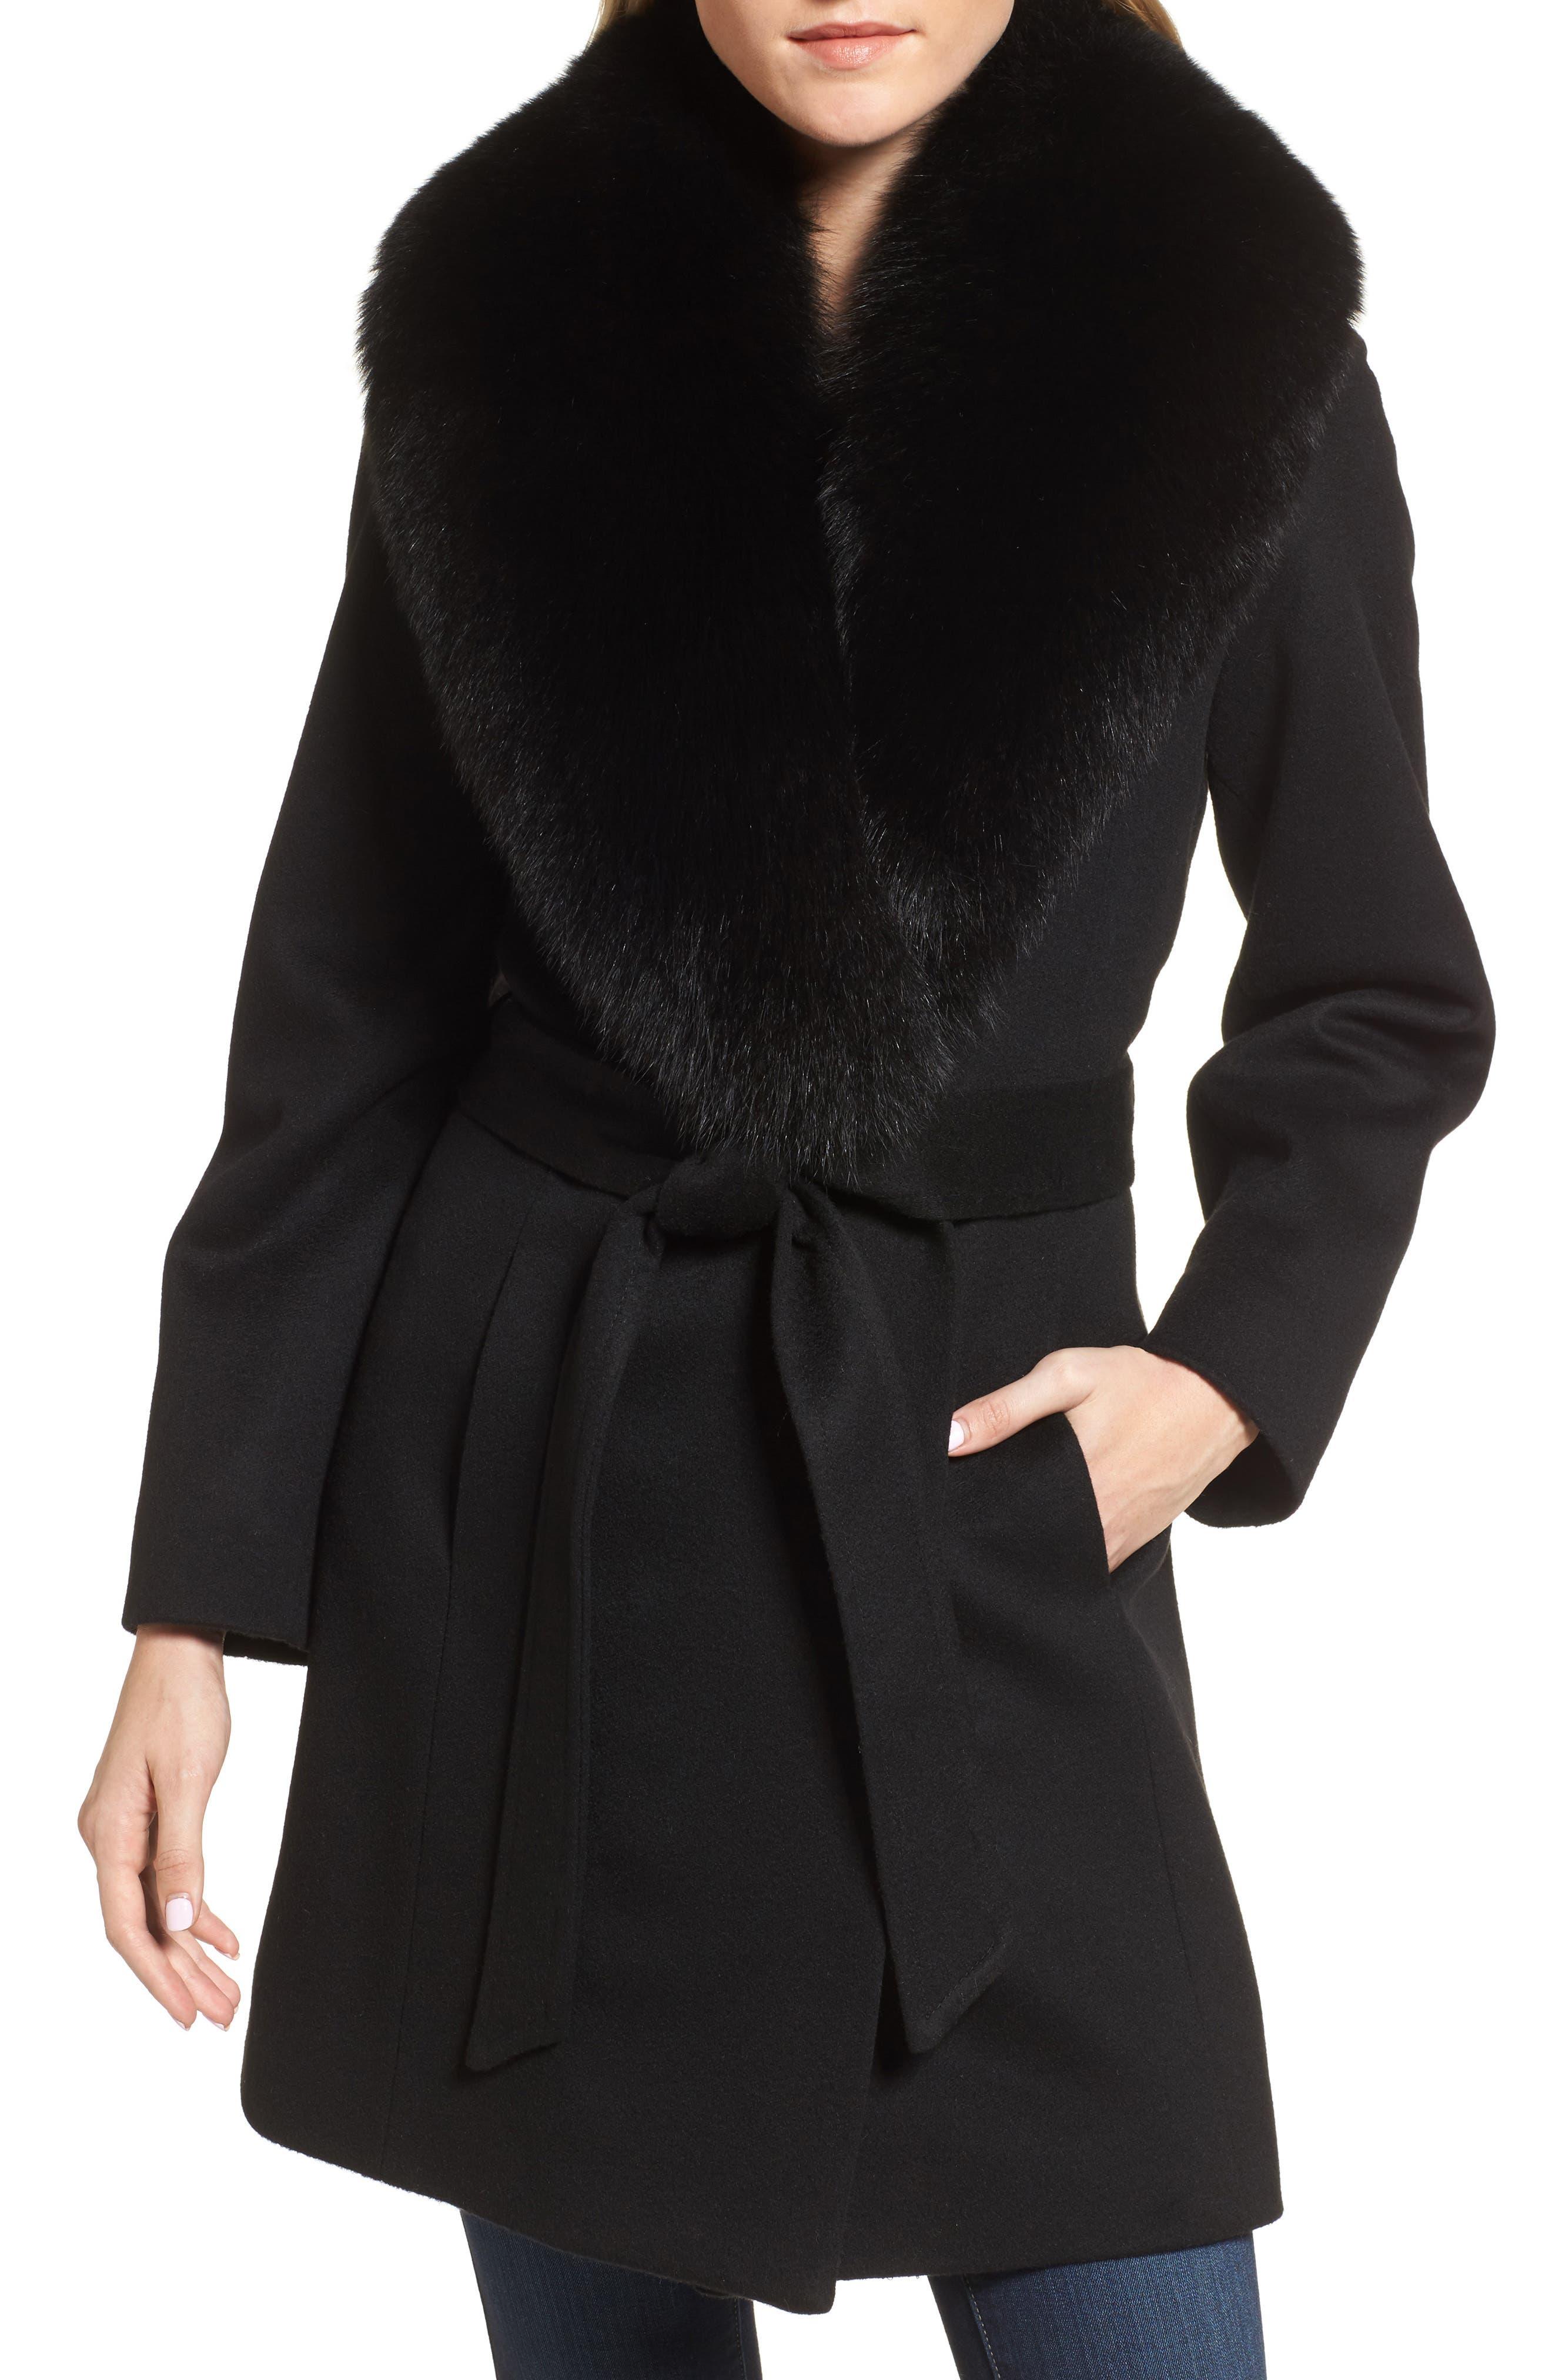 Genuine Fox Fur Lapel Wool & Cashmere Wrap Coat,                             Main thumbnail 1, color,                             Black